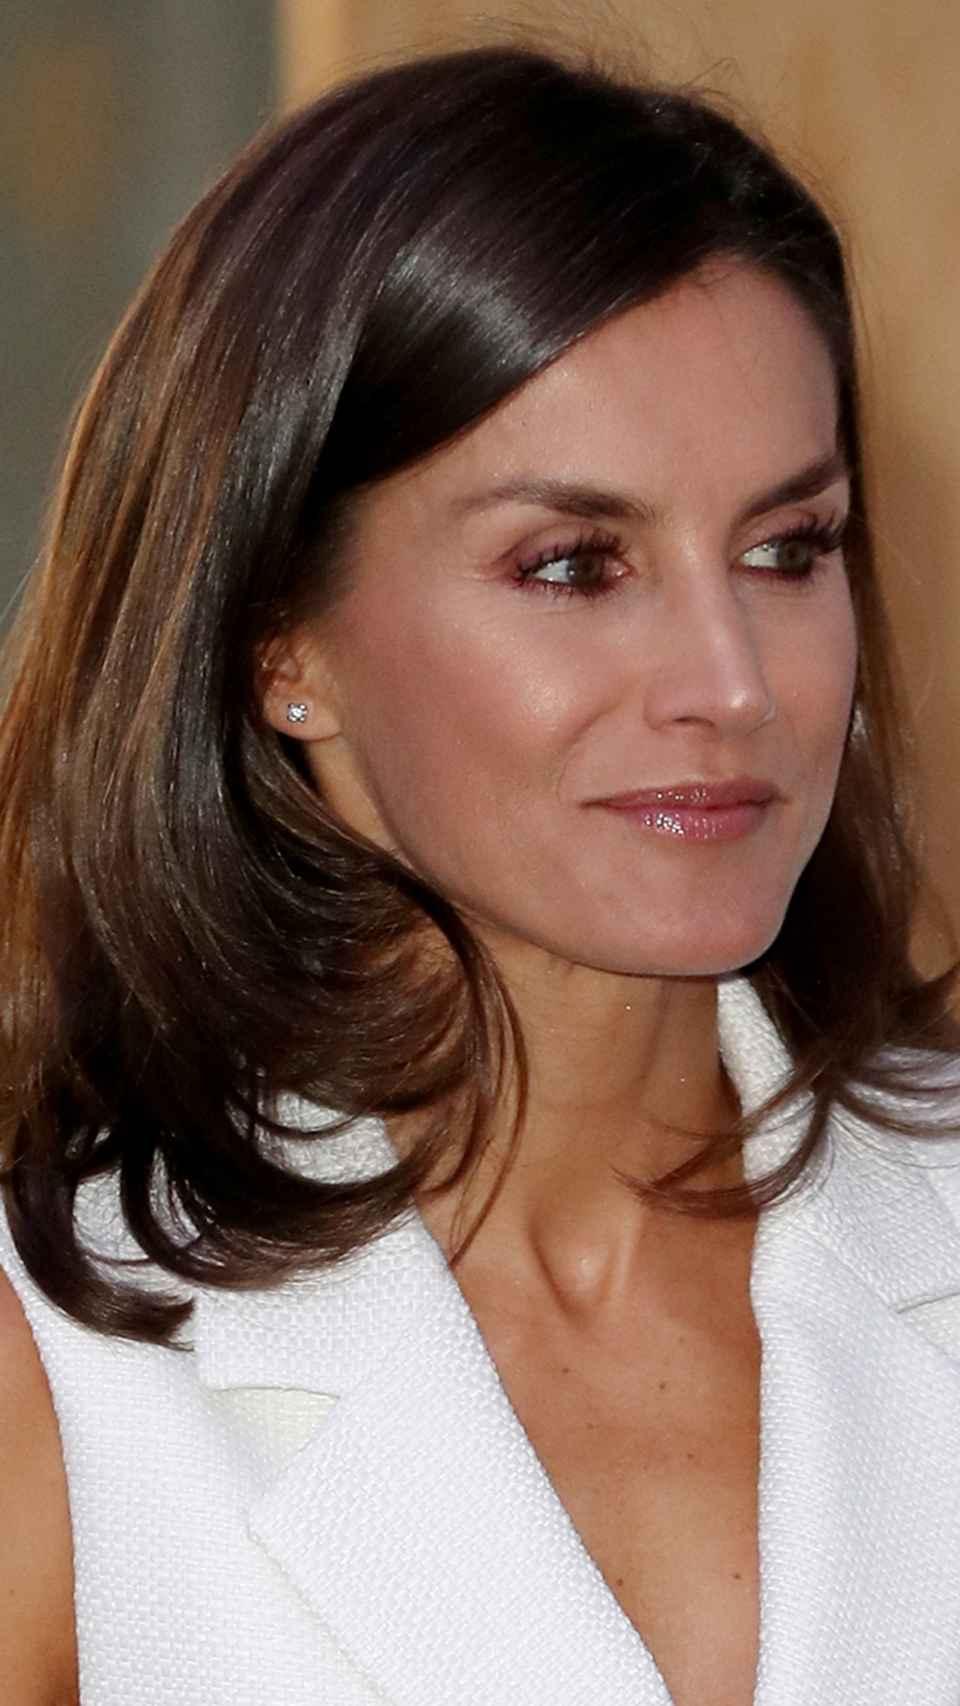 La Reina ha lucido los pendientes de estrella de Chanel durante toda la semana.